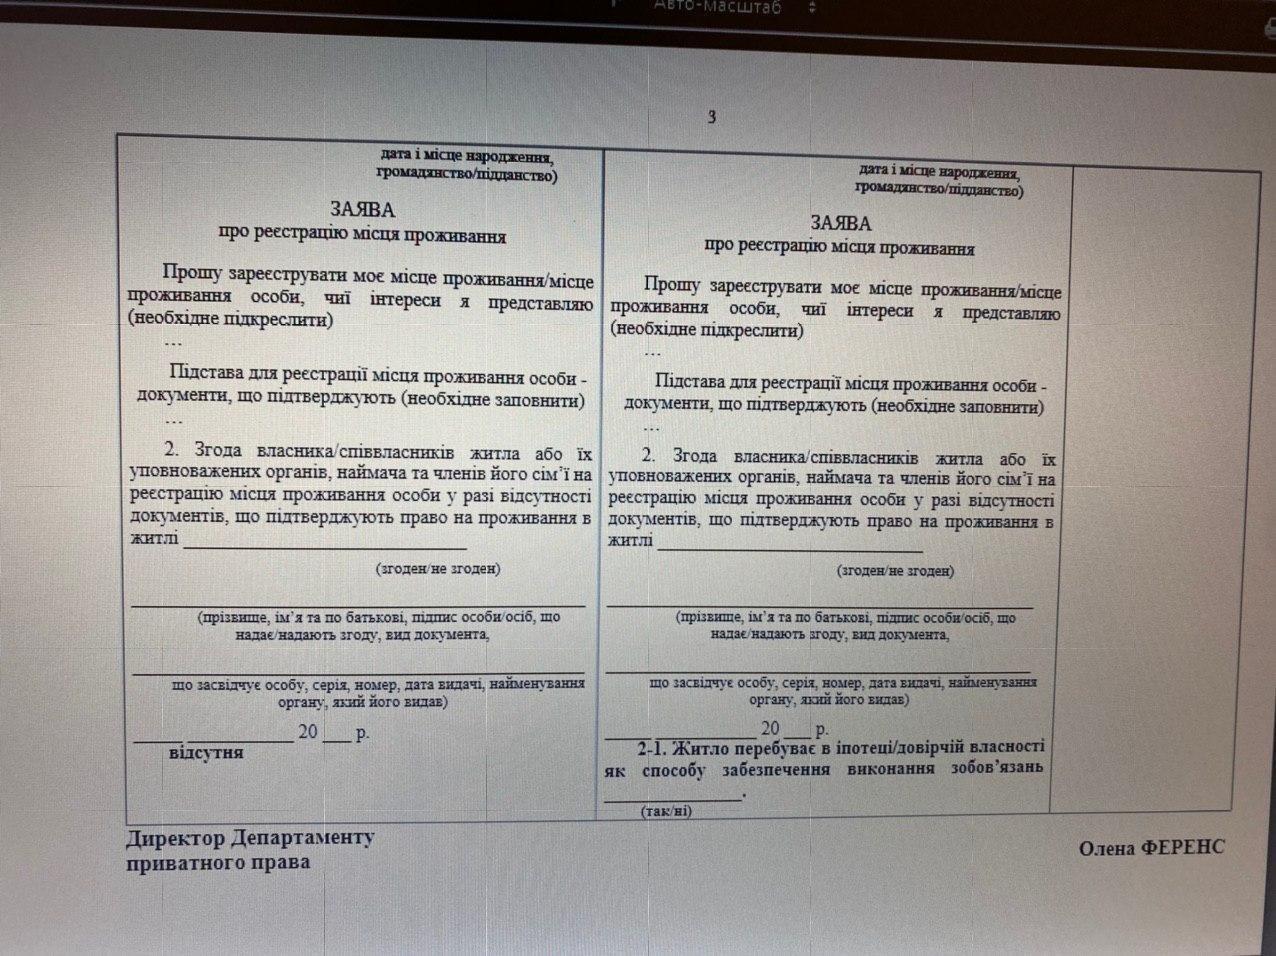 В Україні змінили правила прописки - зміни - photo 2020 05 27 13 20 40